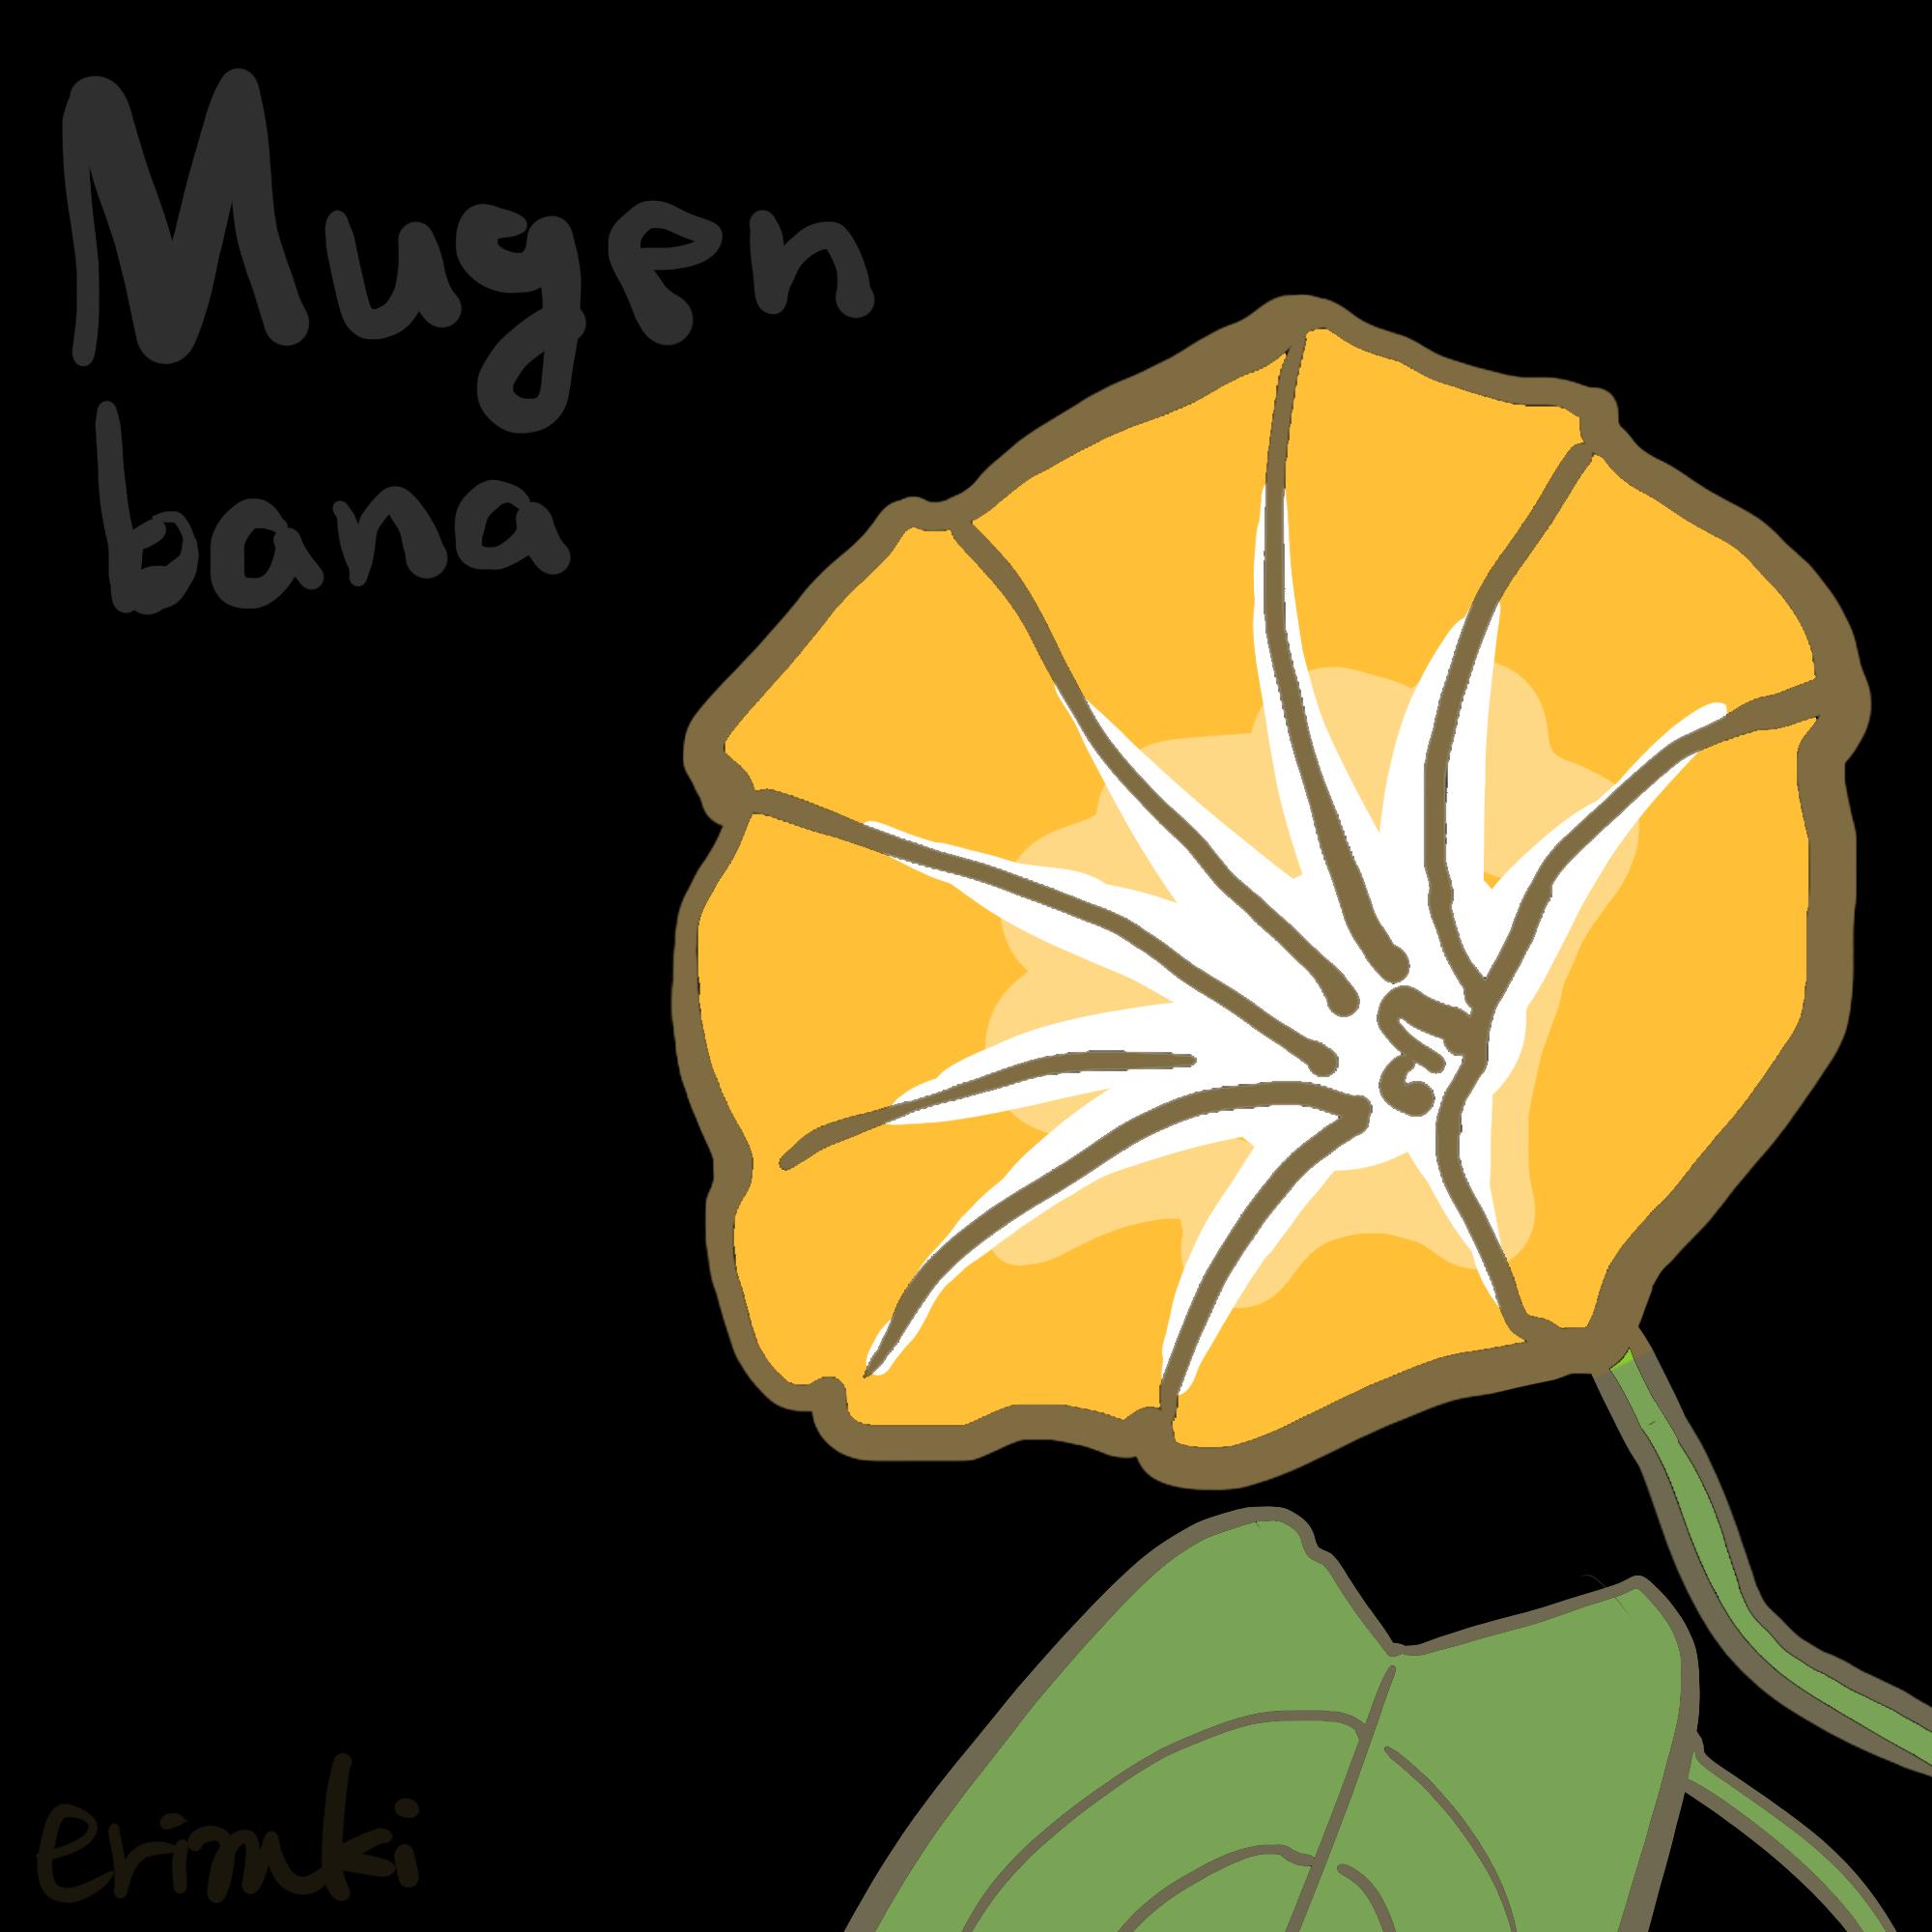 黄色い朝顔のイラスト